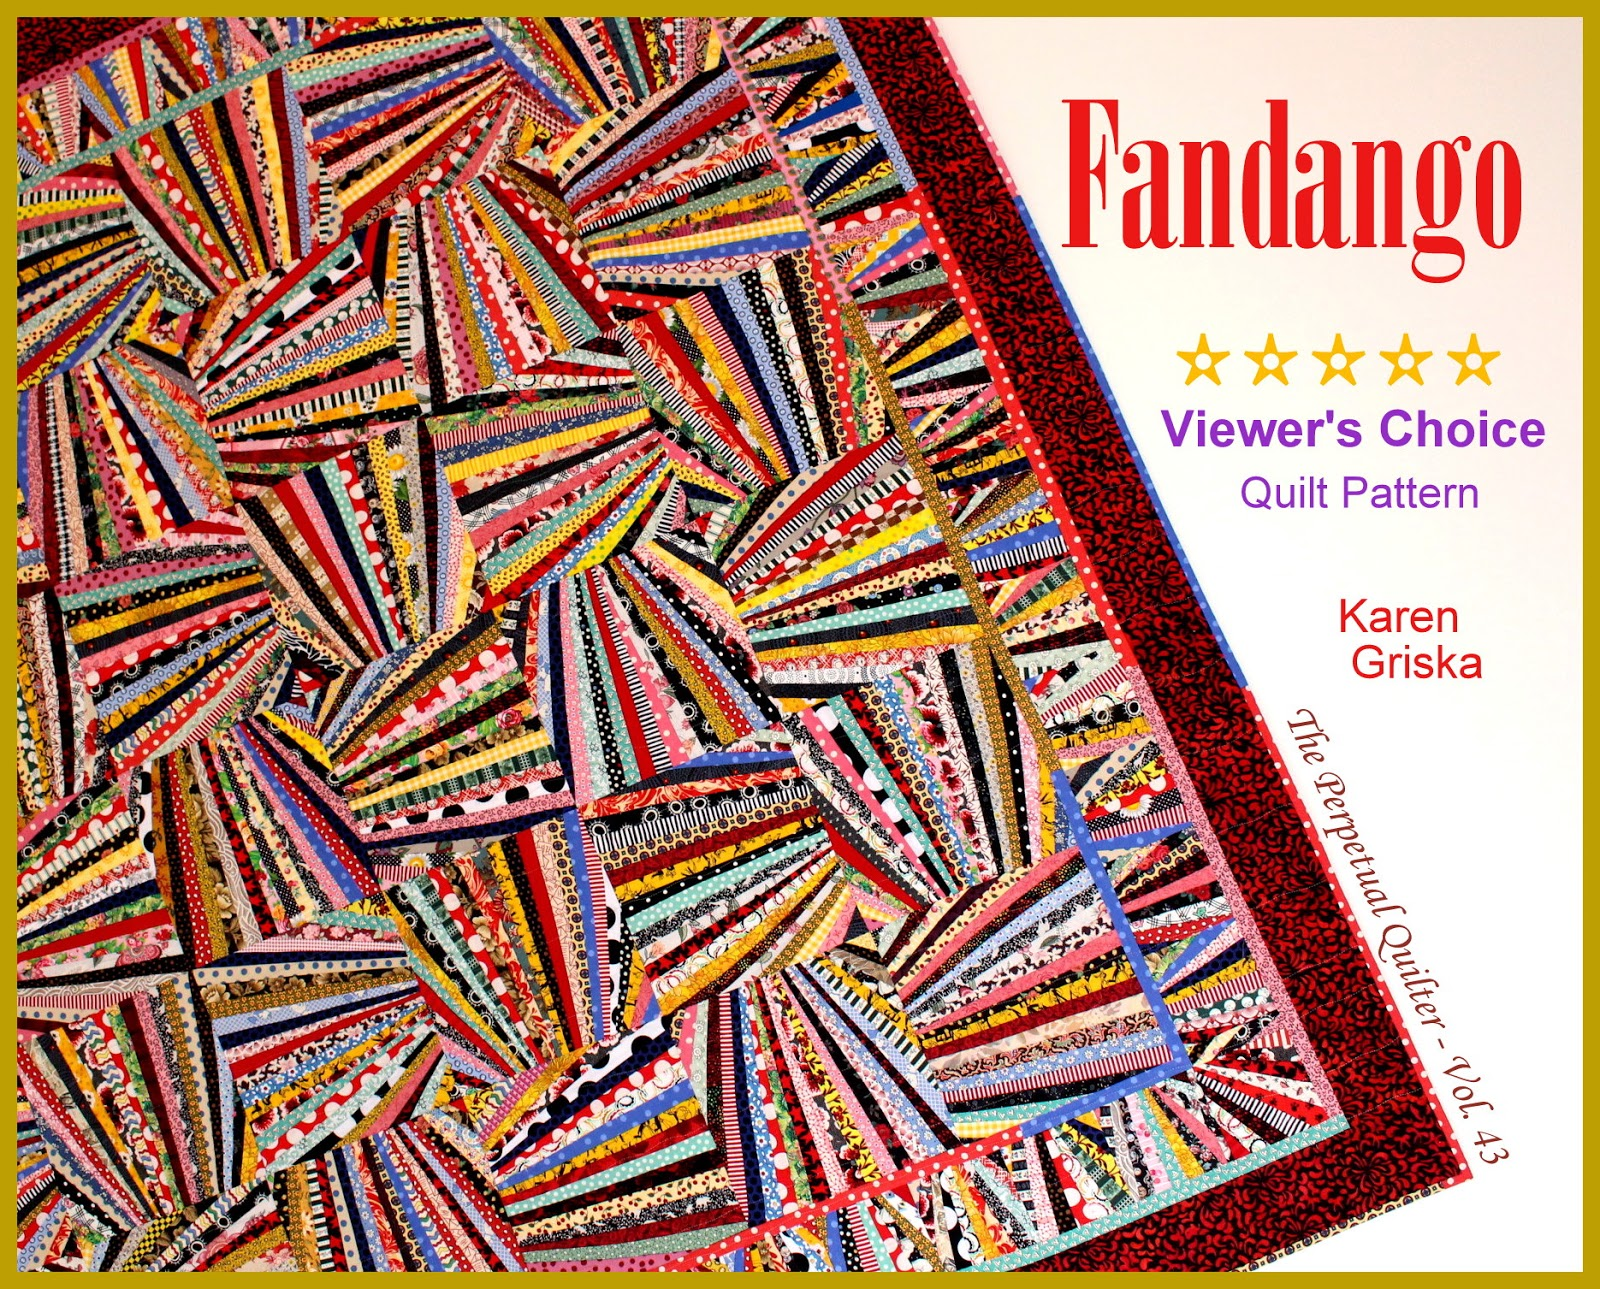 Karen Griska Quilts: New: Fandango Quilt Pattern!